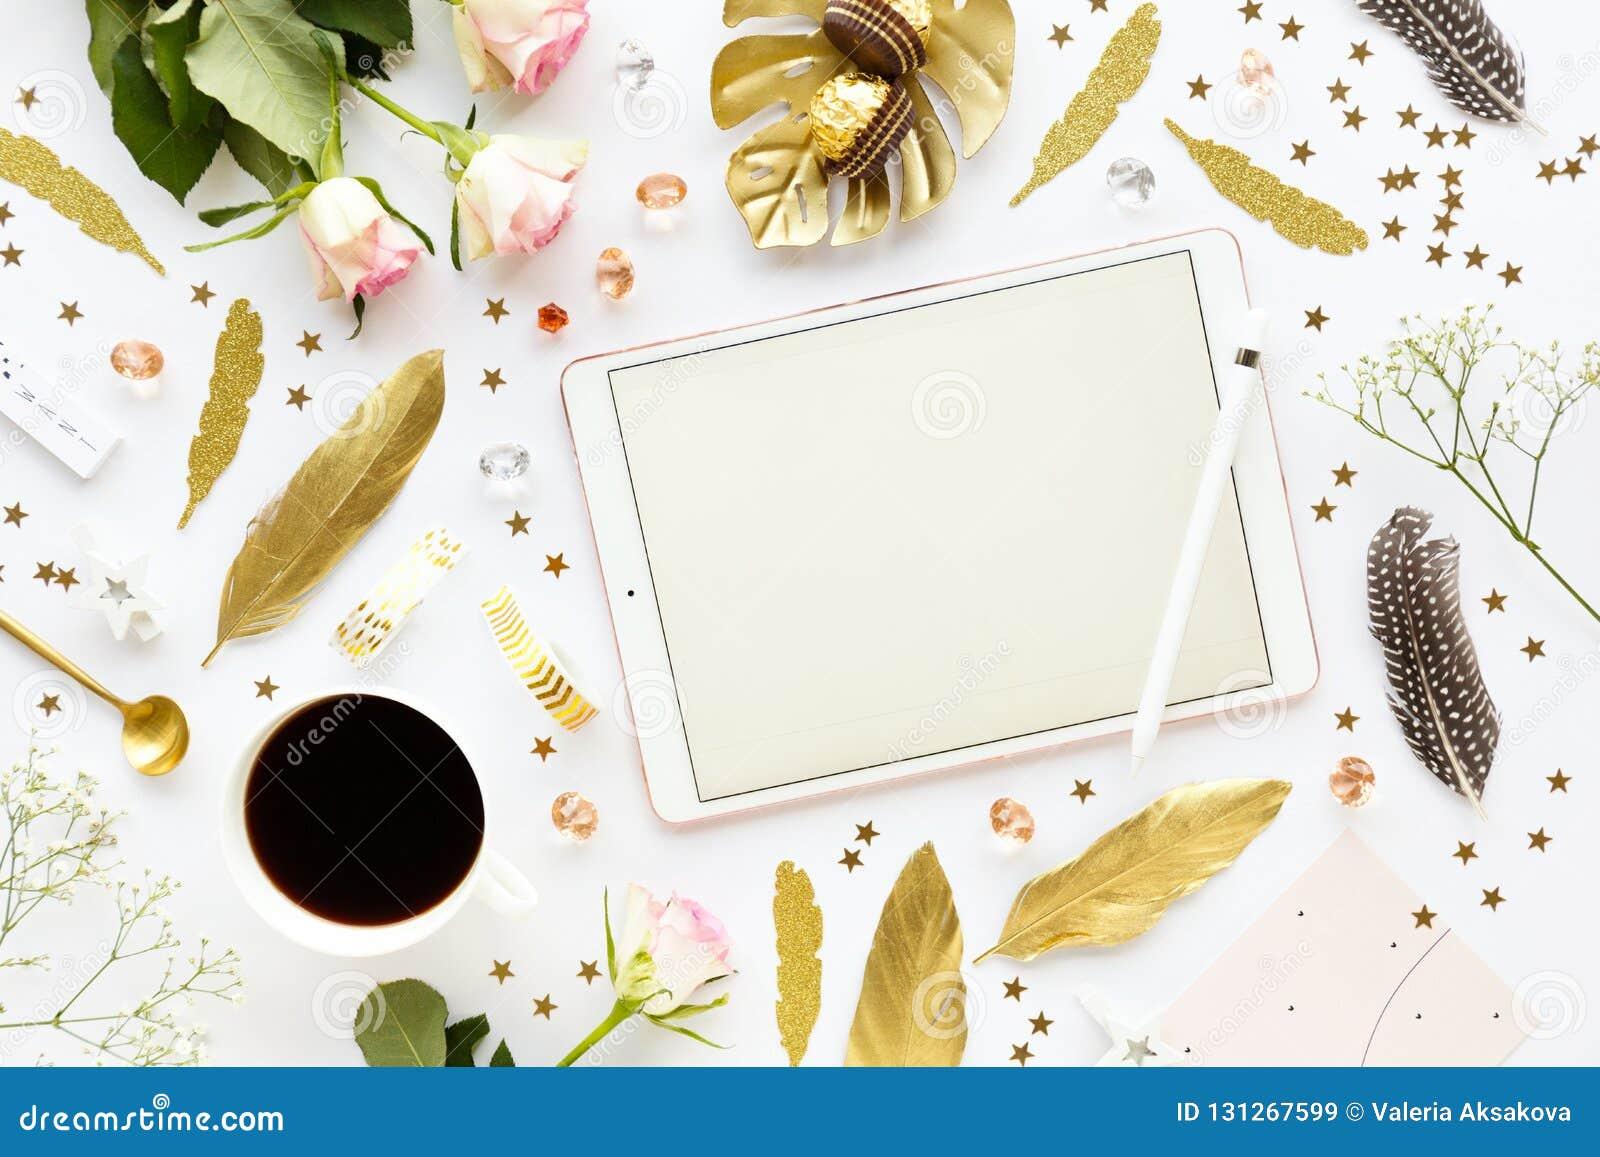 Golden Girly Decoration On White Stock Image Image Of